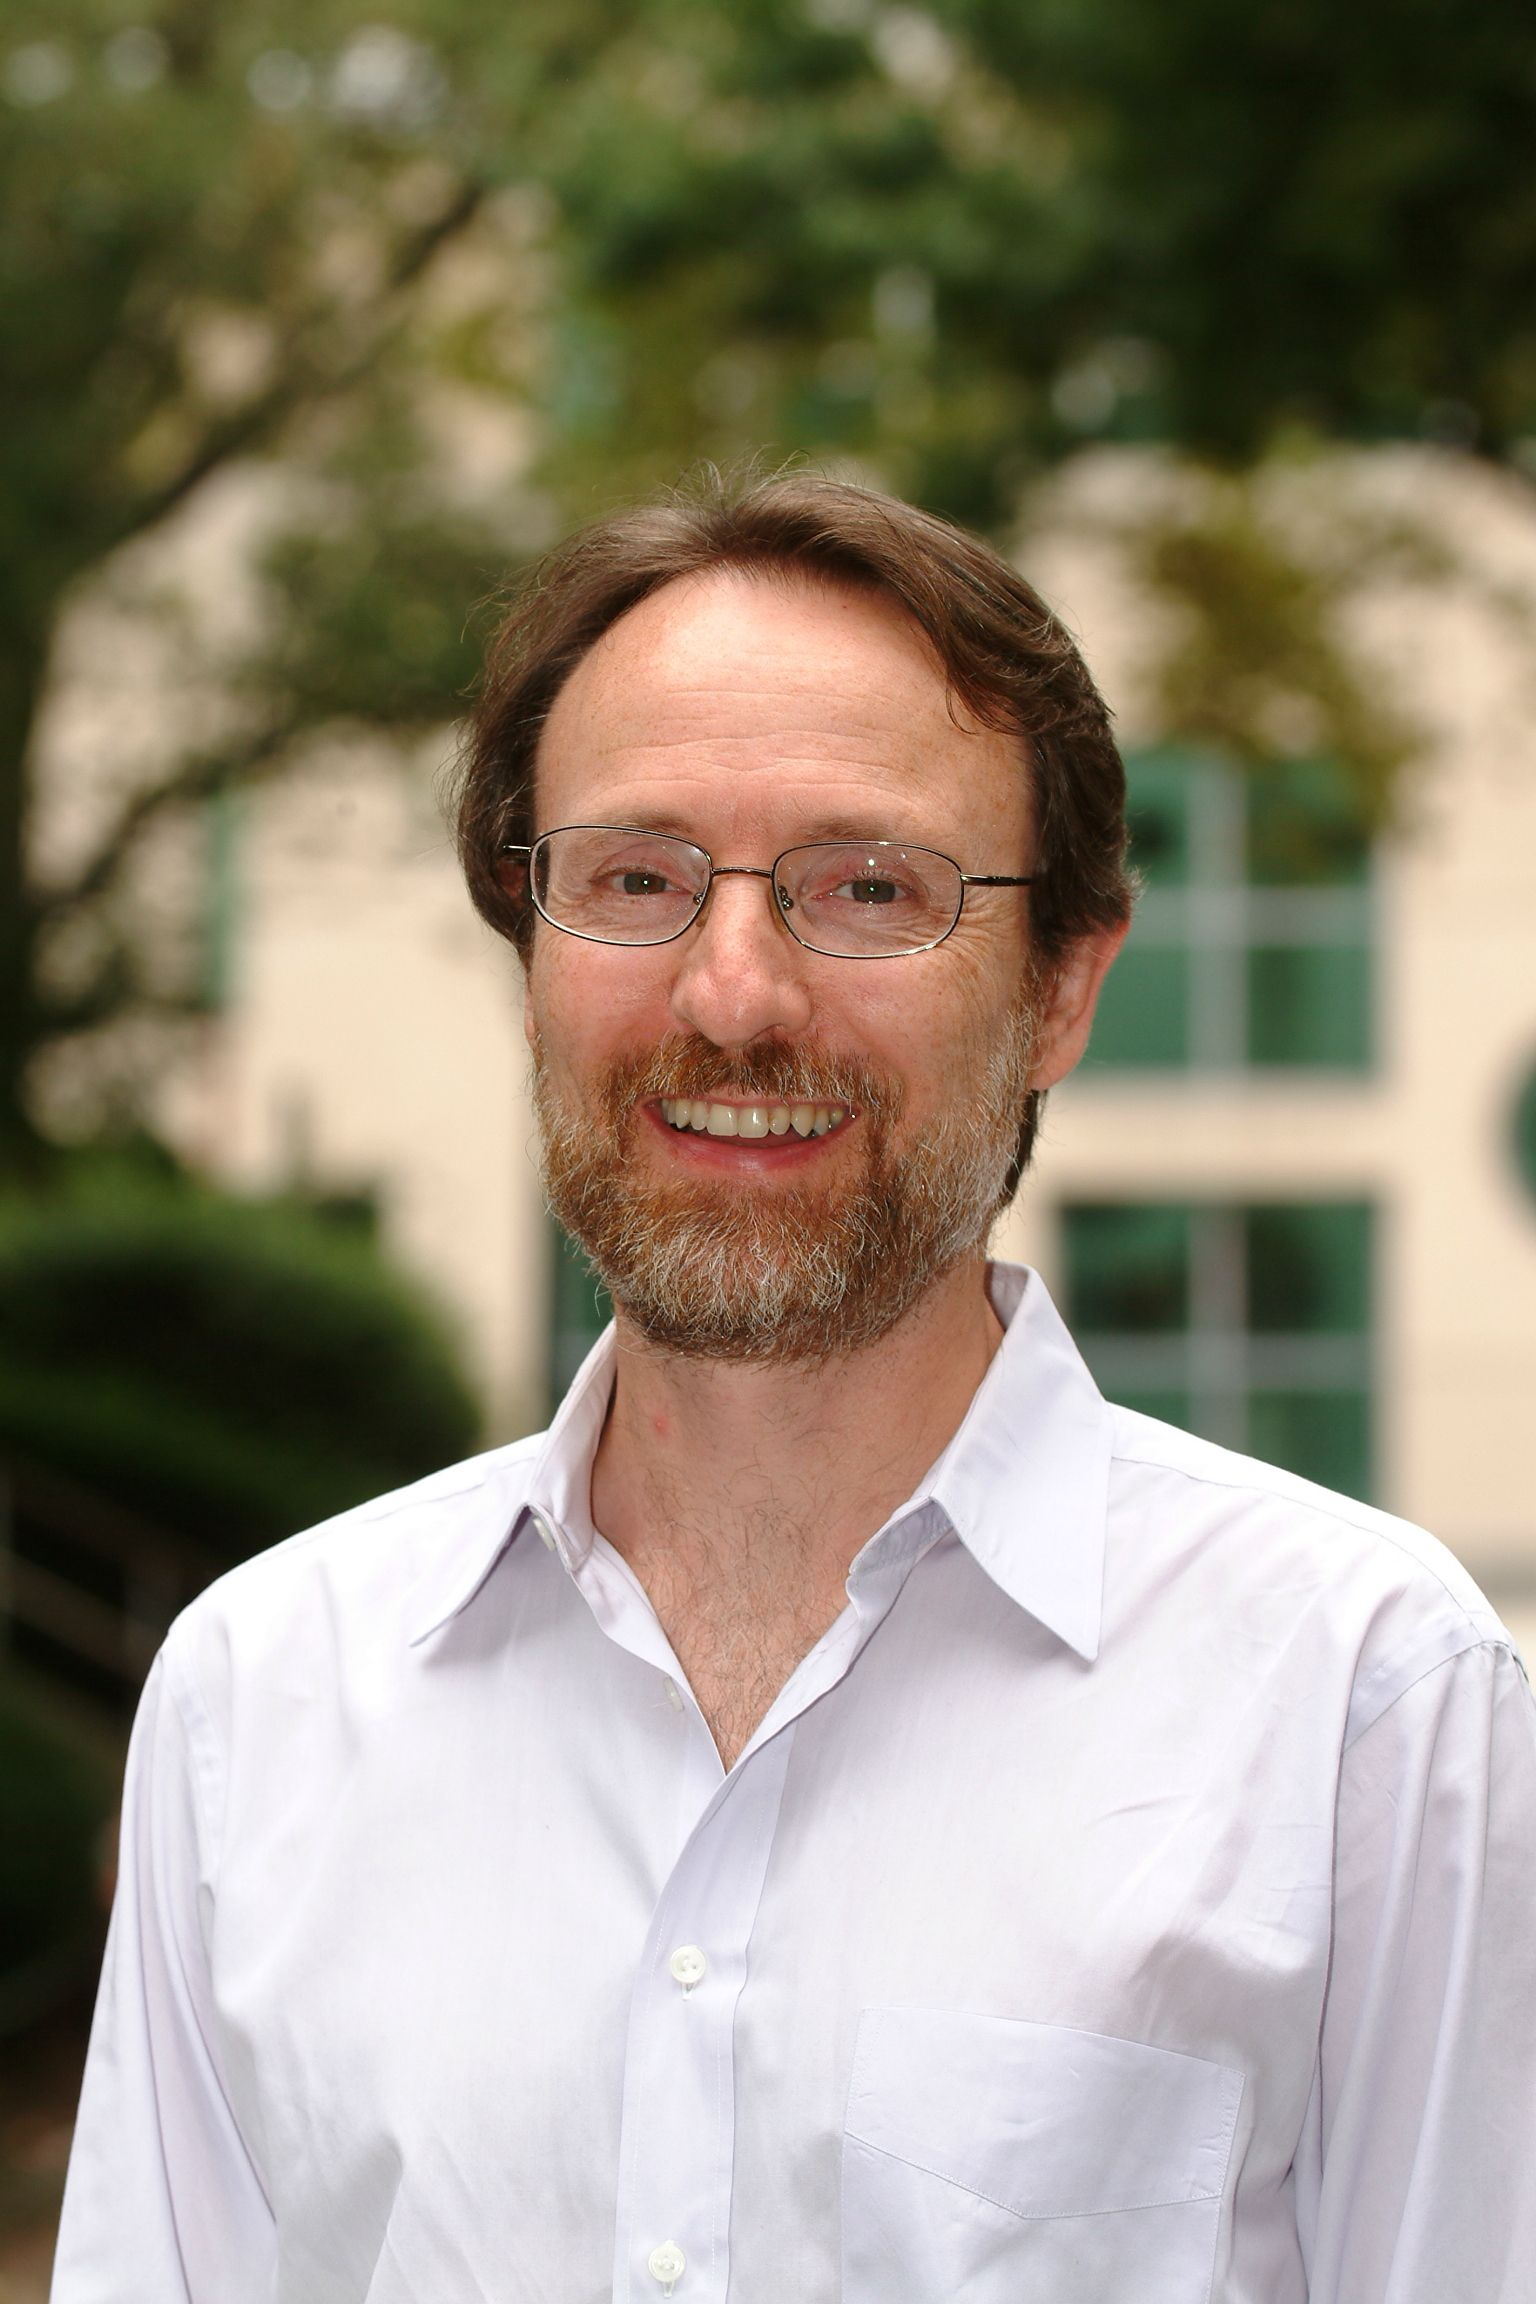 Peter Capelli